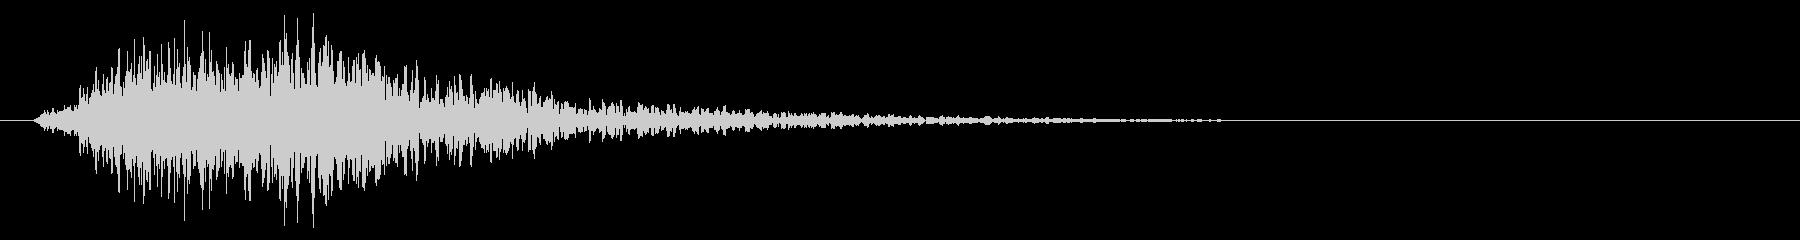 深遠中爆発の衝撃-トリプルヒットの未再生の波形